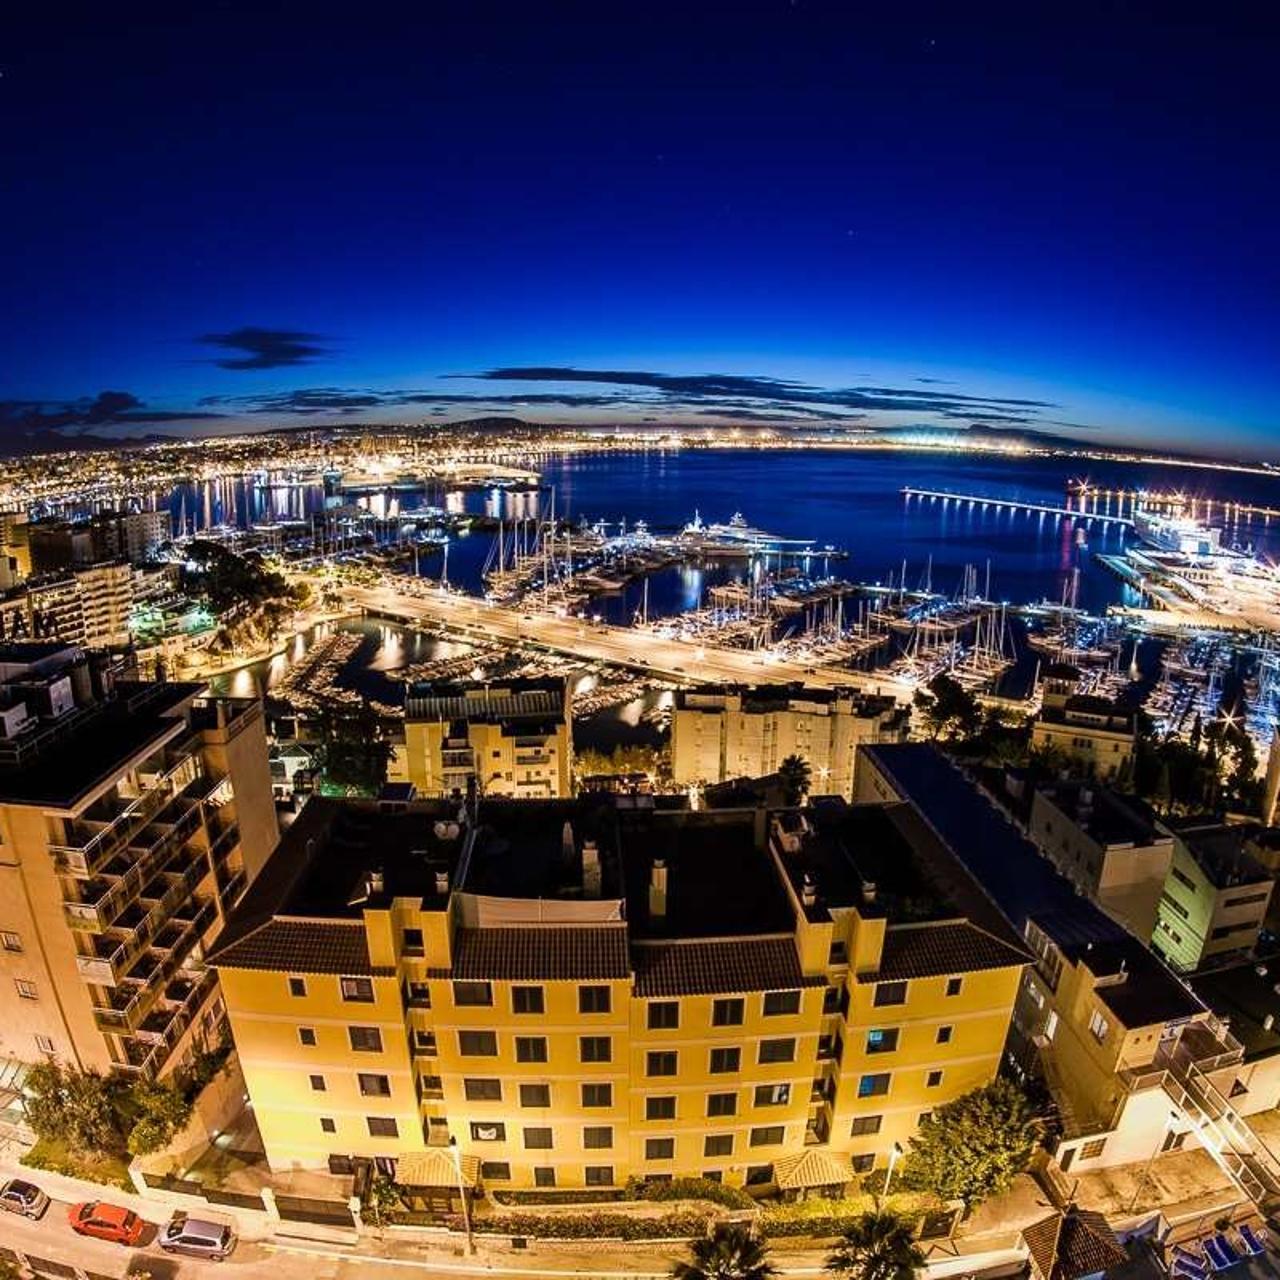 Hotel Amic Horizonte Palma De Mallorca Balearic Islands Bij Hrs Met Gratis Diensten